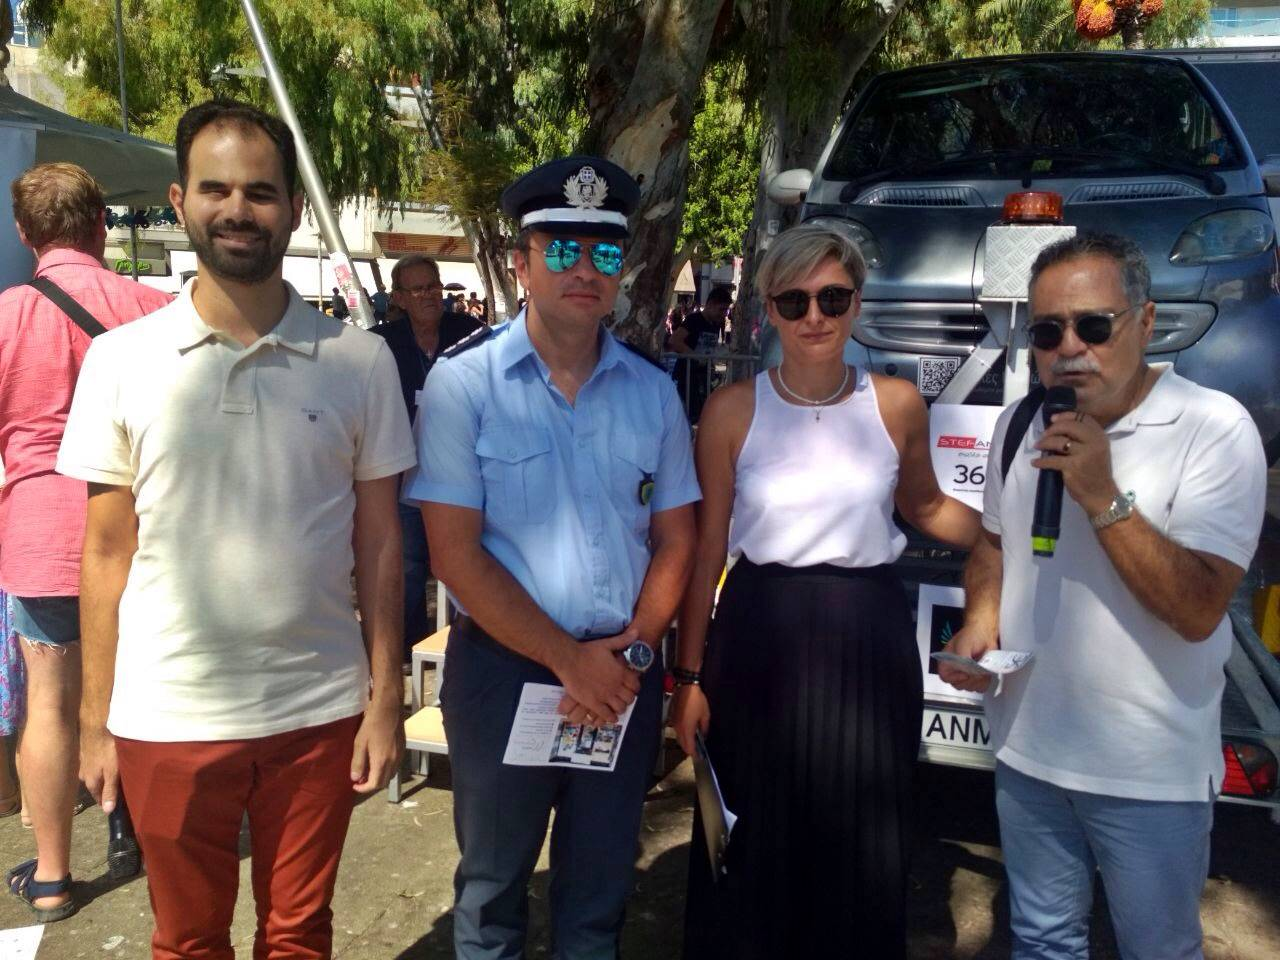 η Ελένη και ο Βαγγέλης με τους: Στέλιο Καρακουδάκη και Γιάννη Λιονάκη